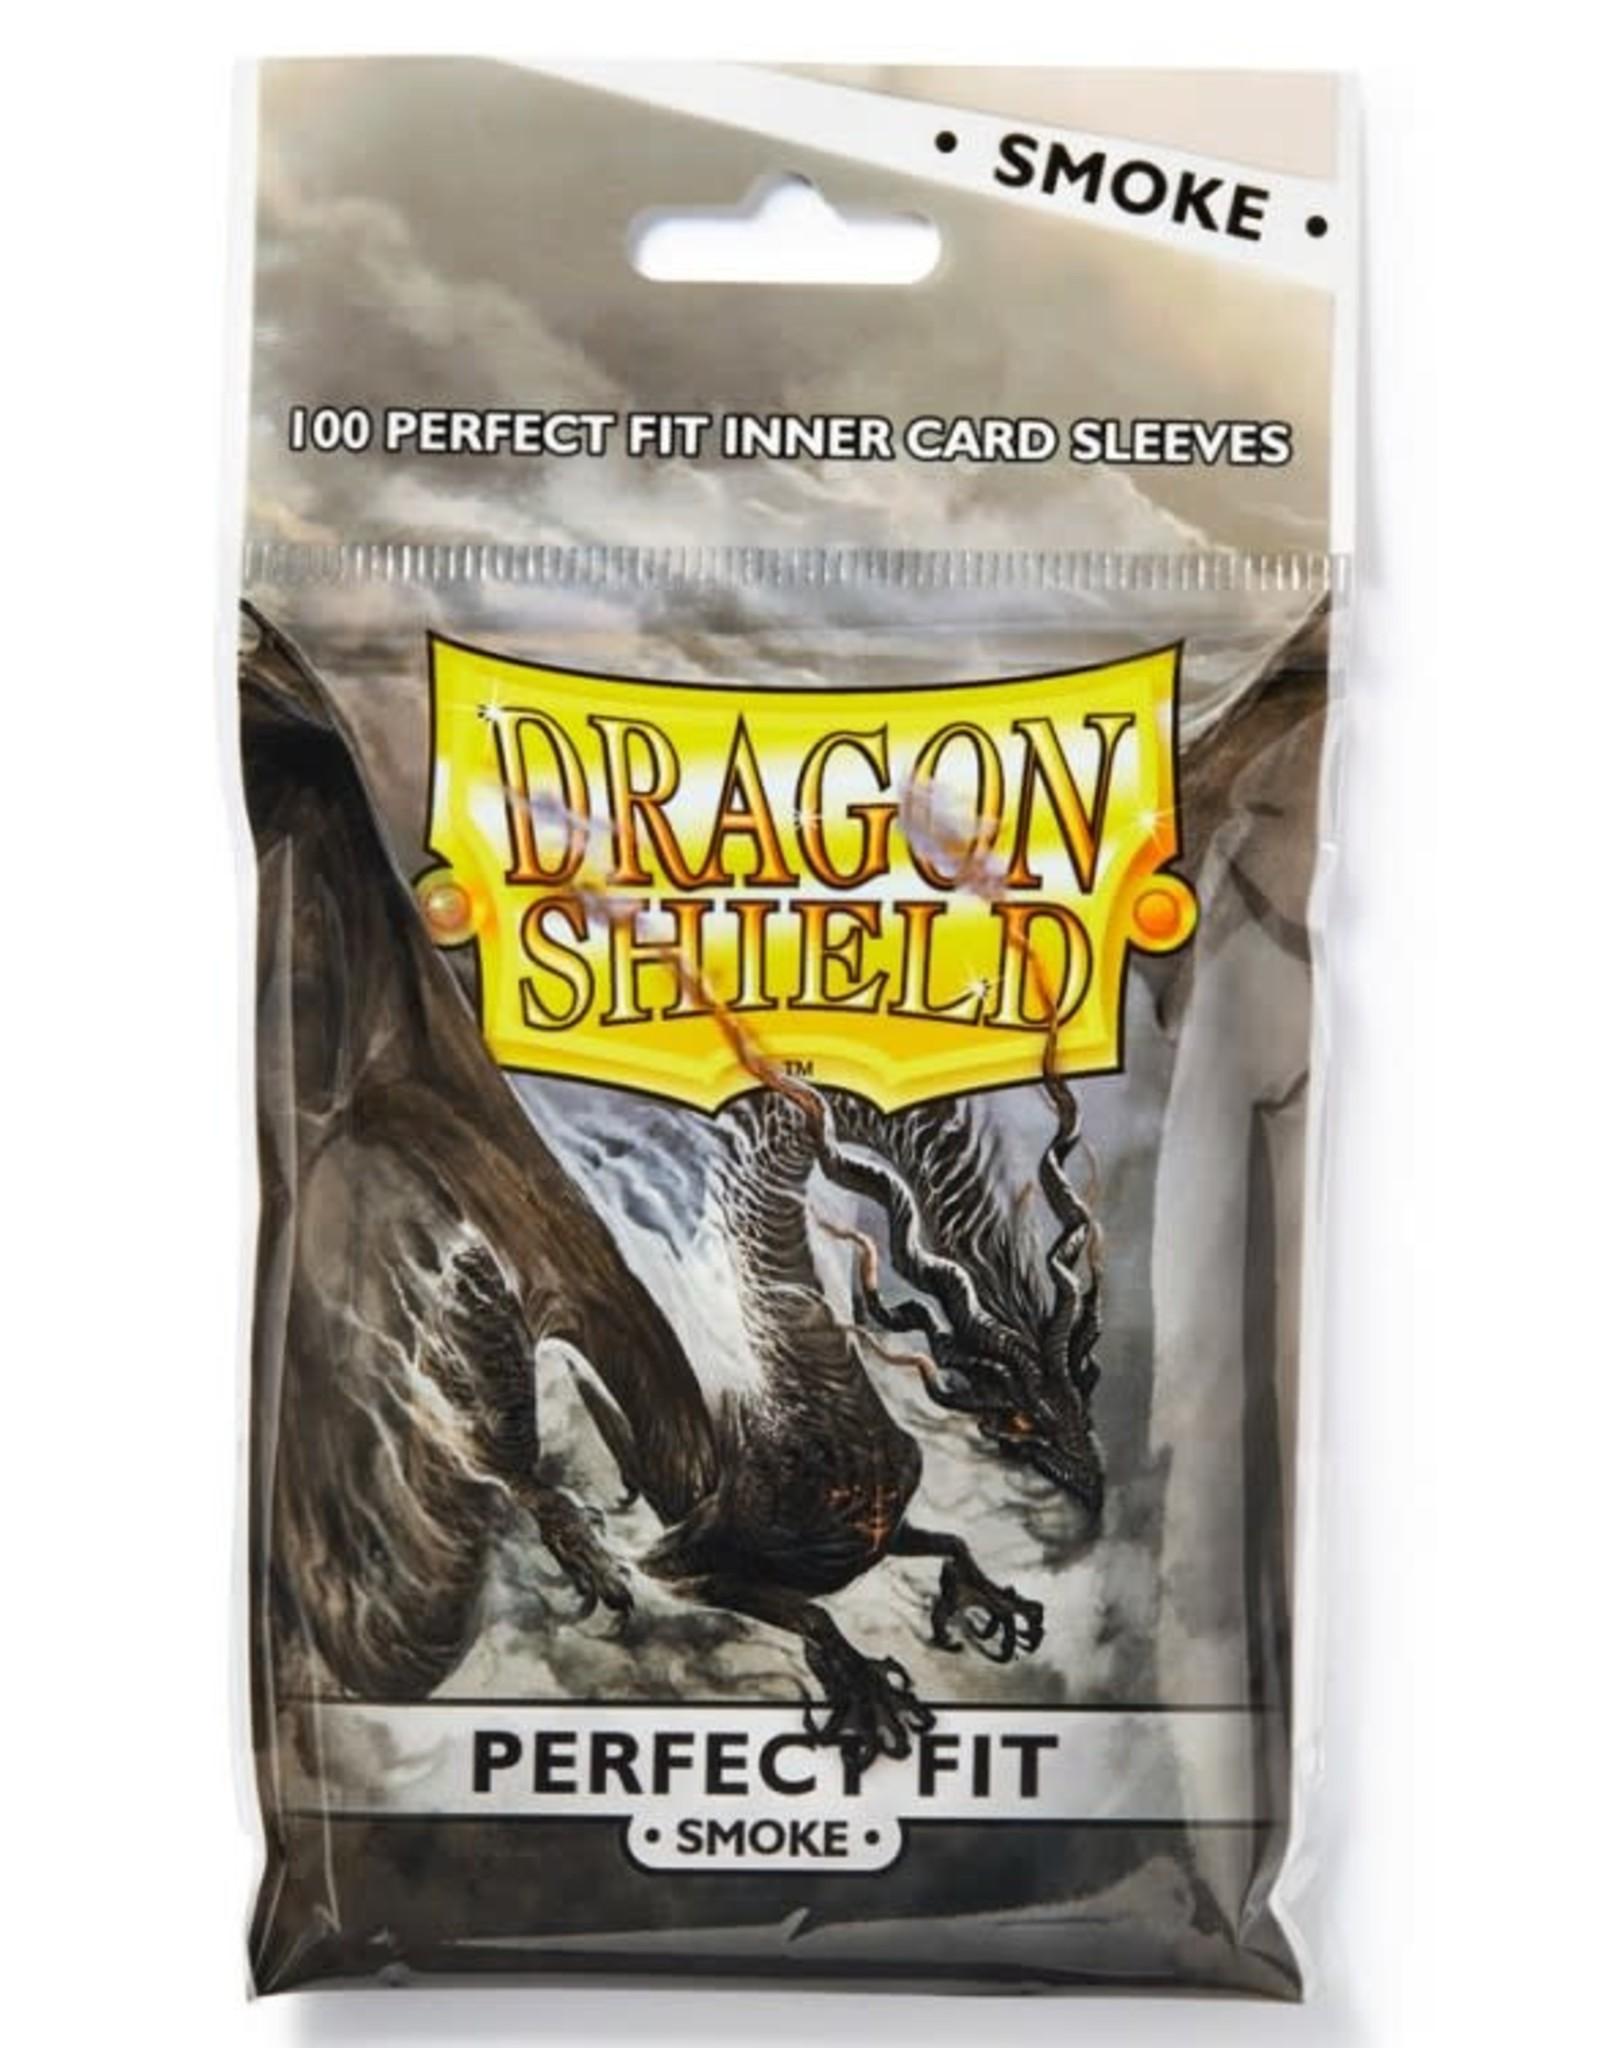 Dragon Shields Perfect Fit (100 Smoke)